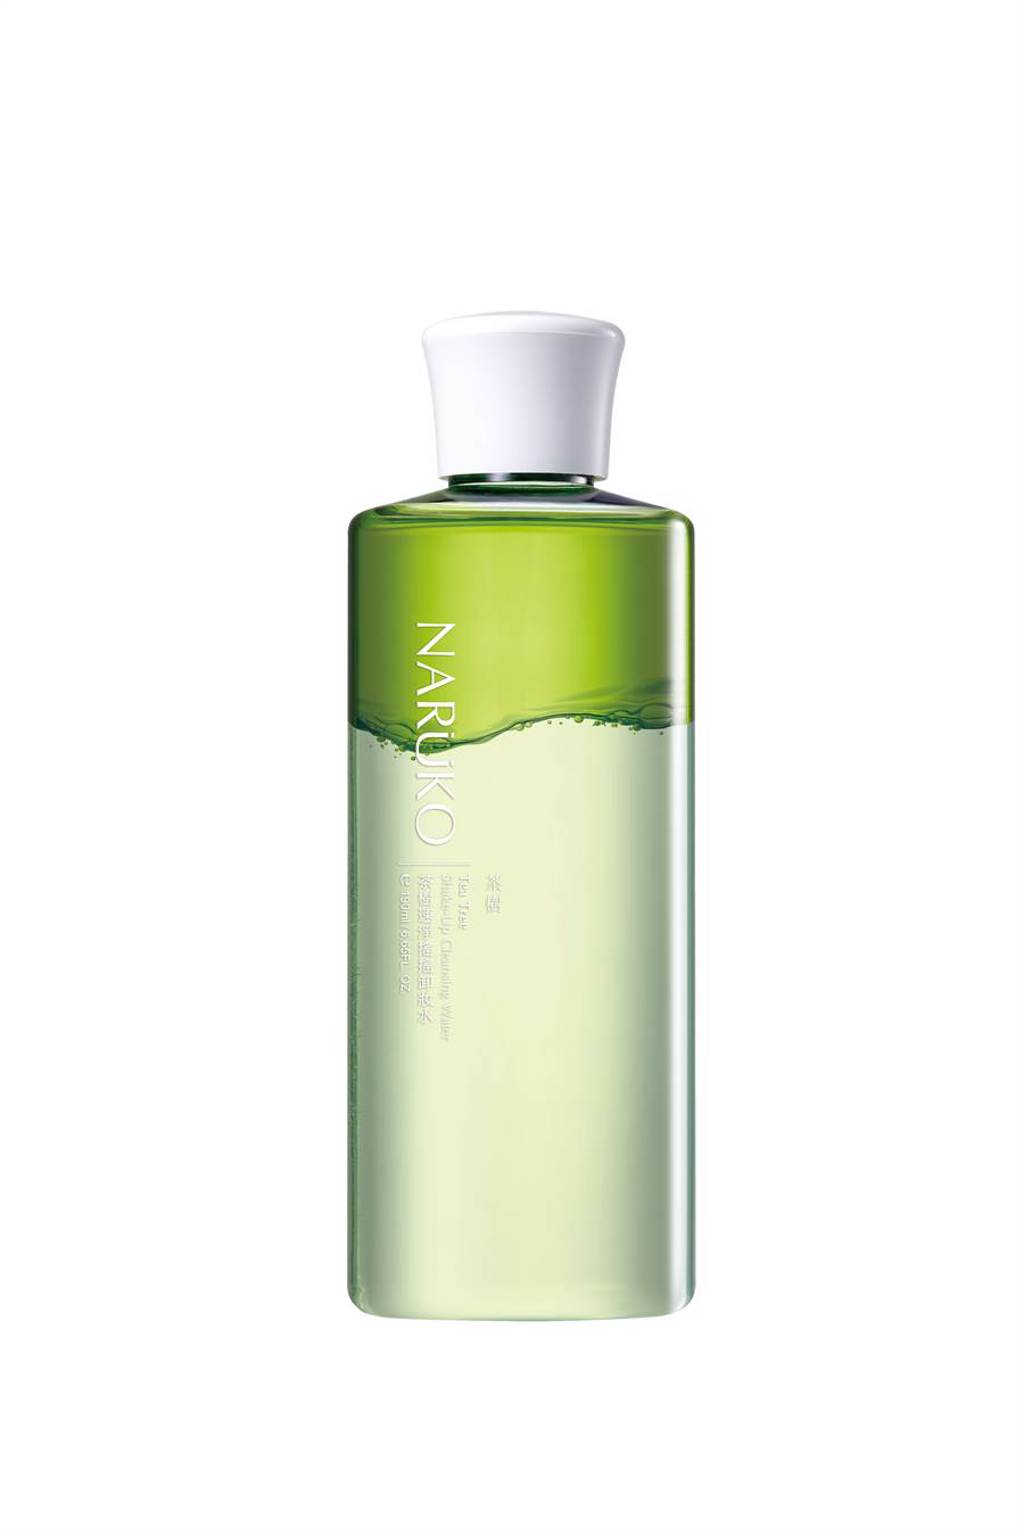 茶樹速淨搖搖卸妝水是油2:水8的雙層狀態。(圖/品牌提供)